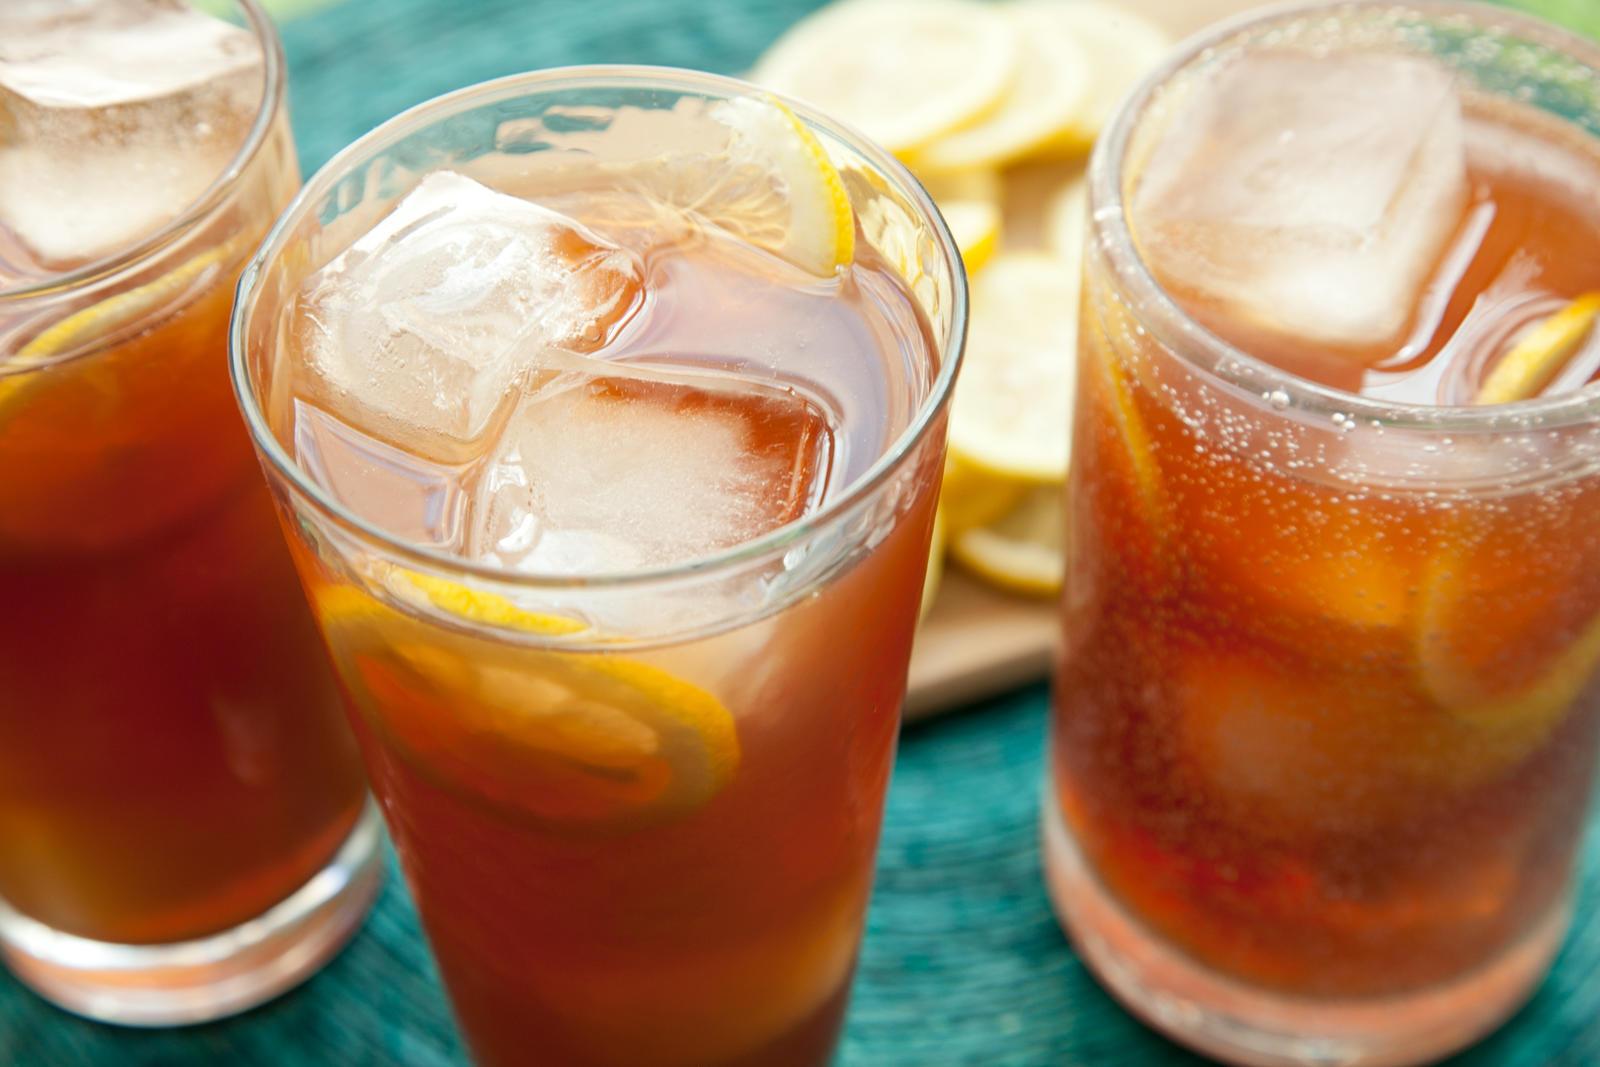 Vanilyalı Çay Nasıl Yapılır Resimli Tarif